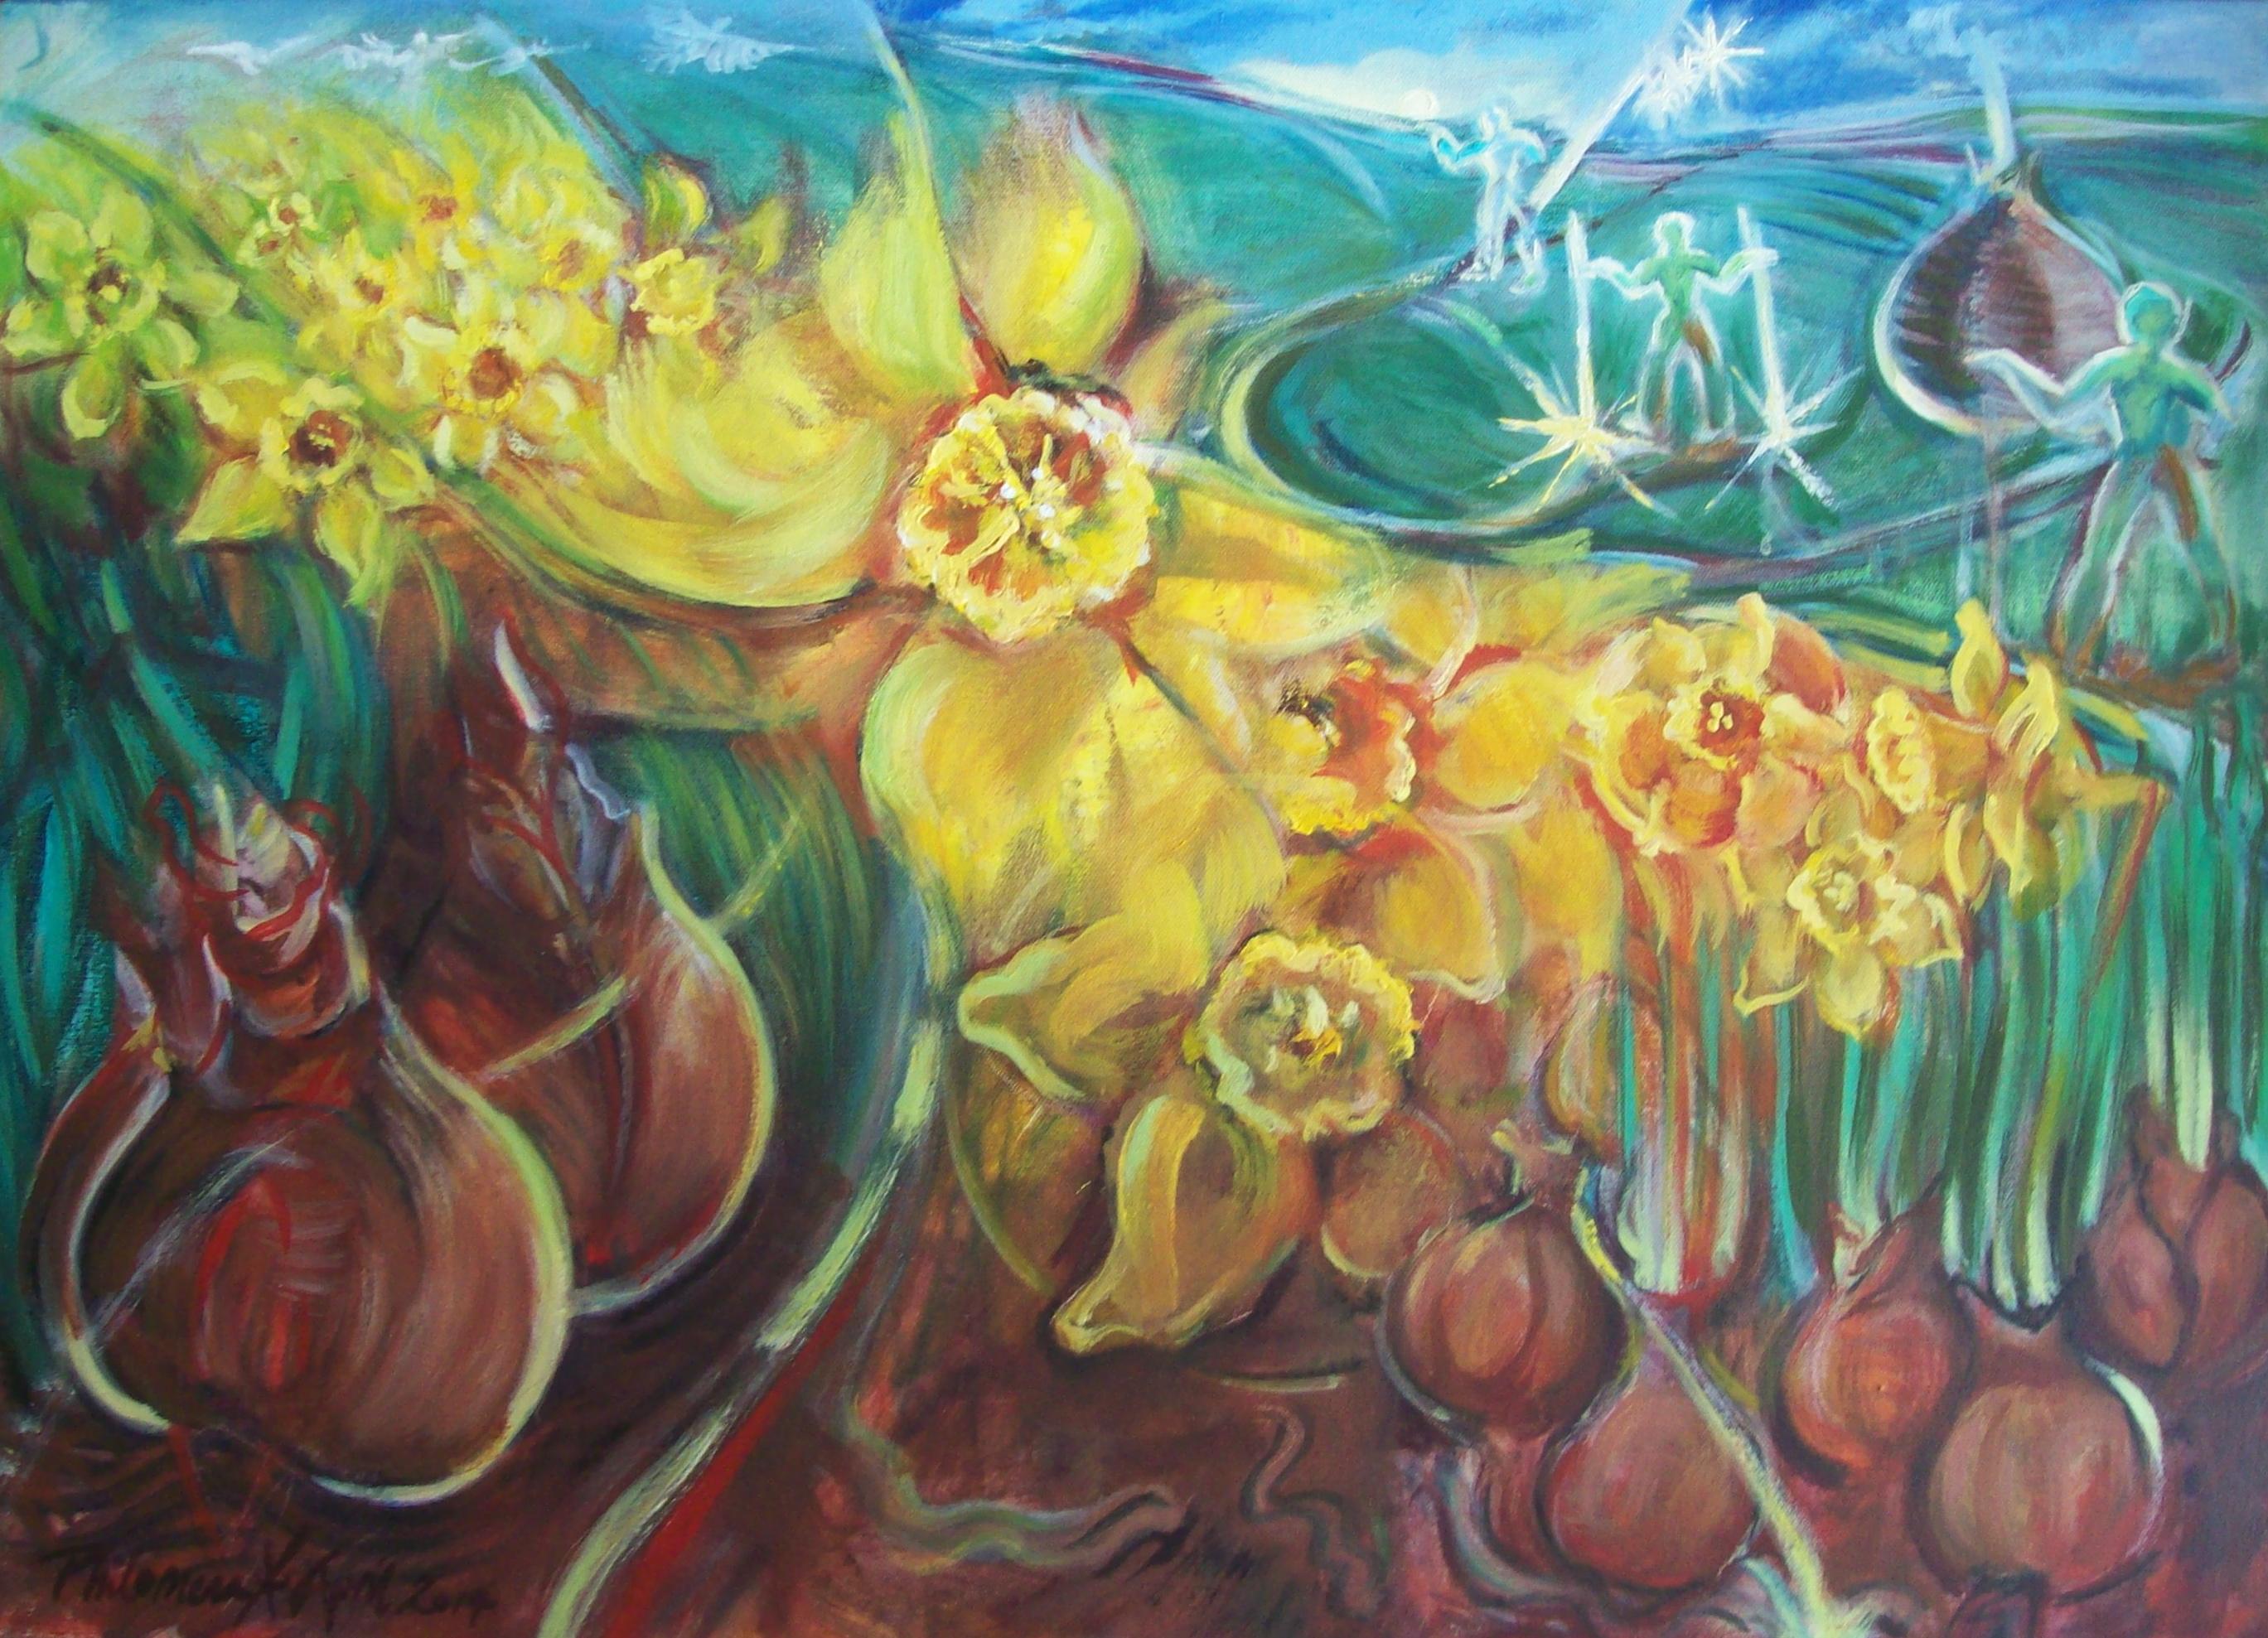 The Celestial Gardener